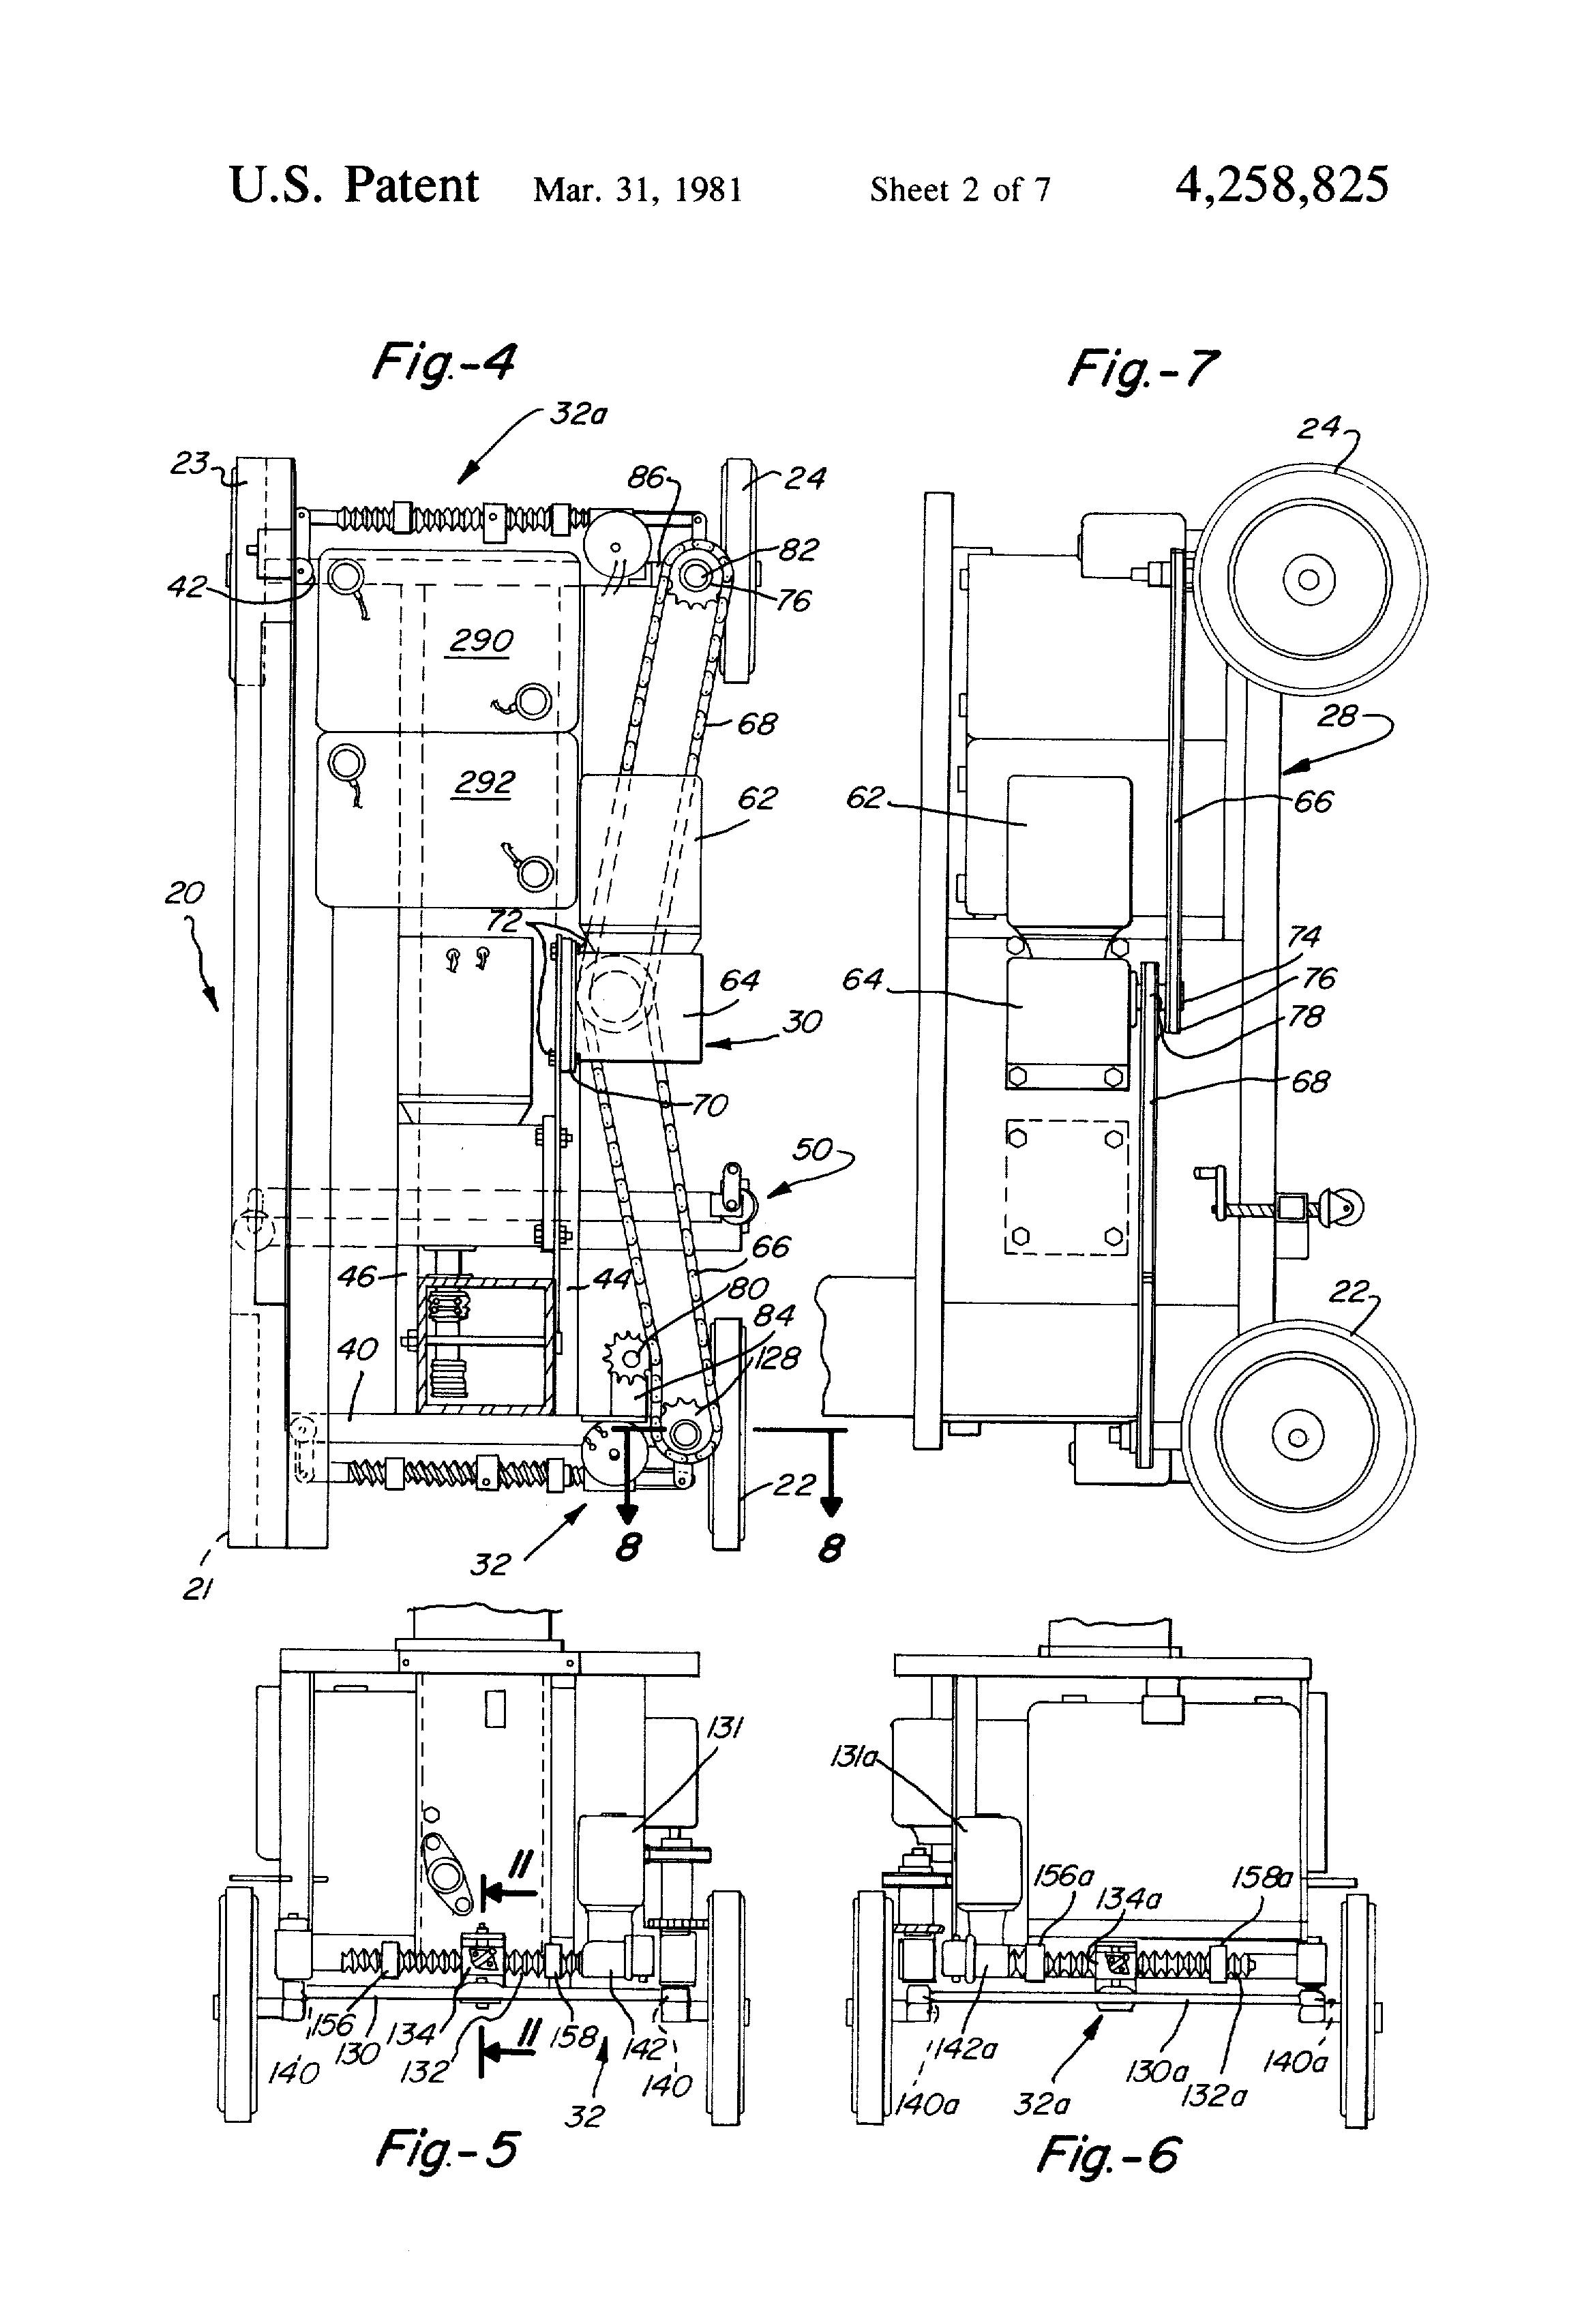 Otis Wiring Diagram - Wiring Diagram Here on